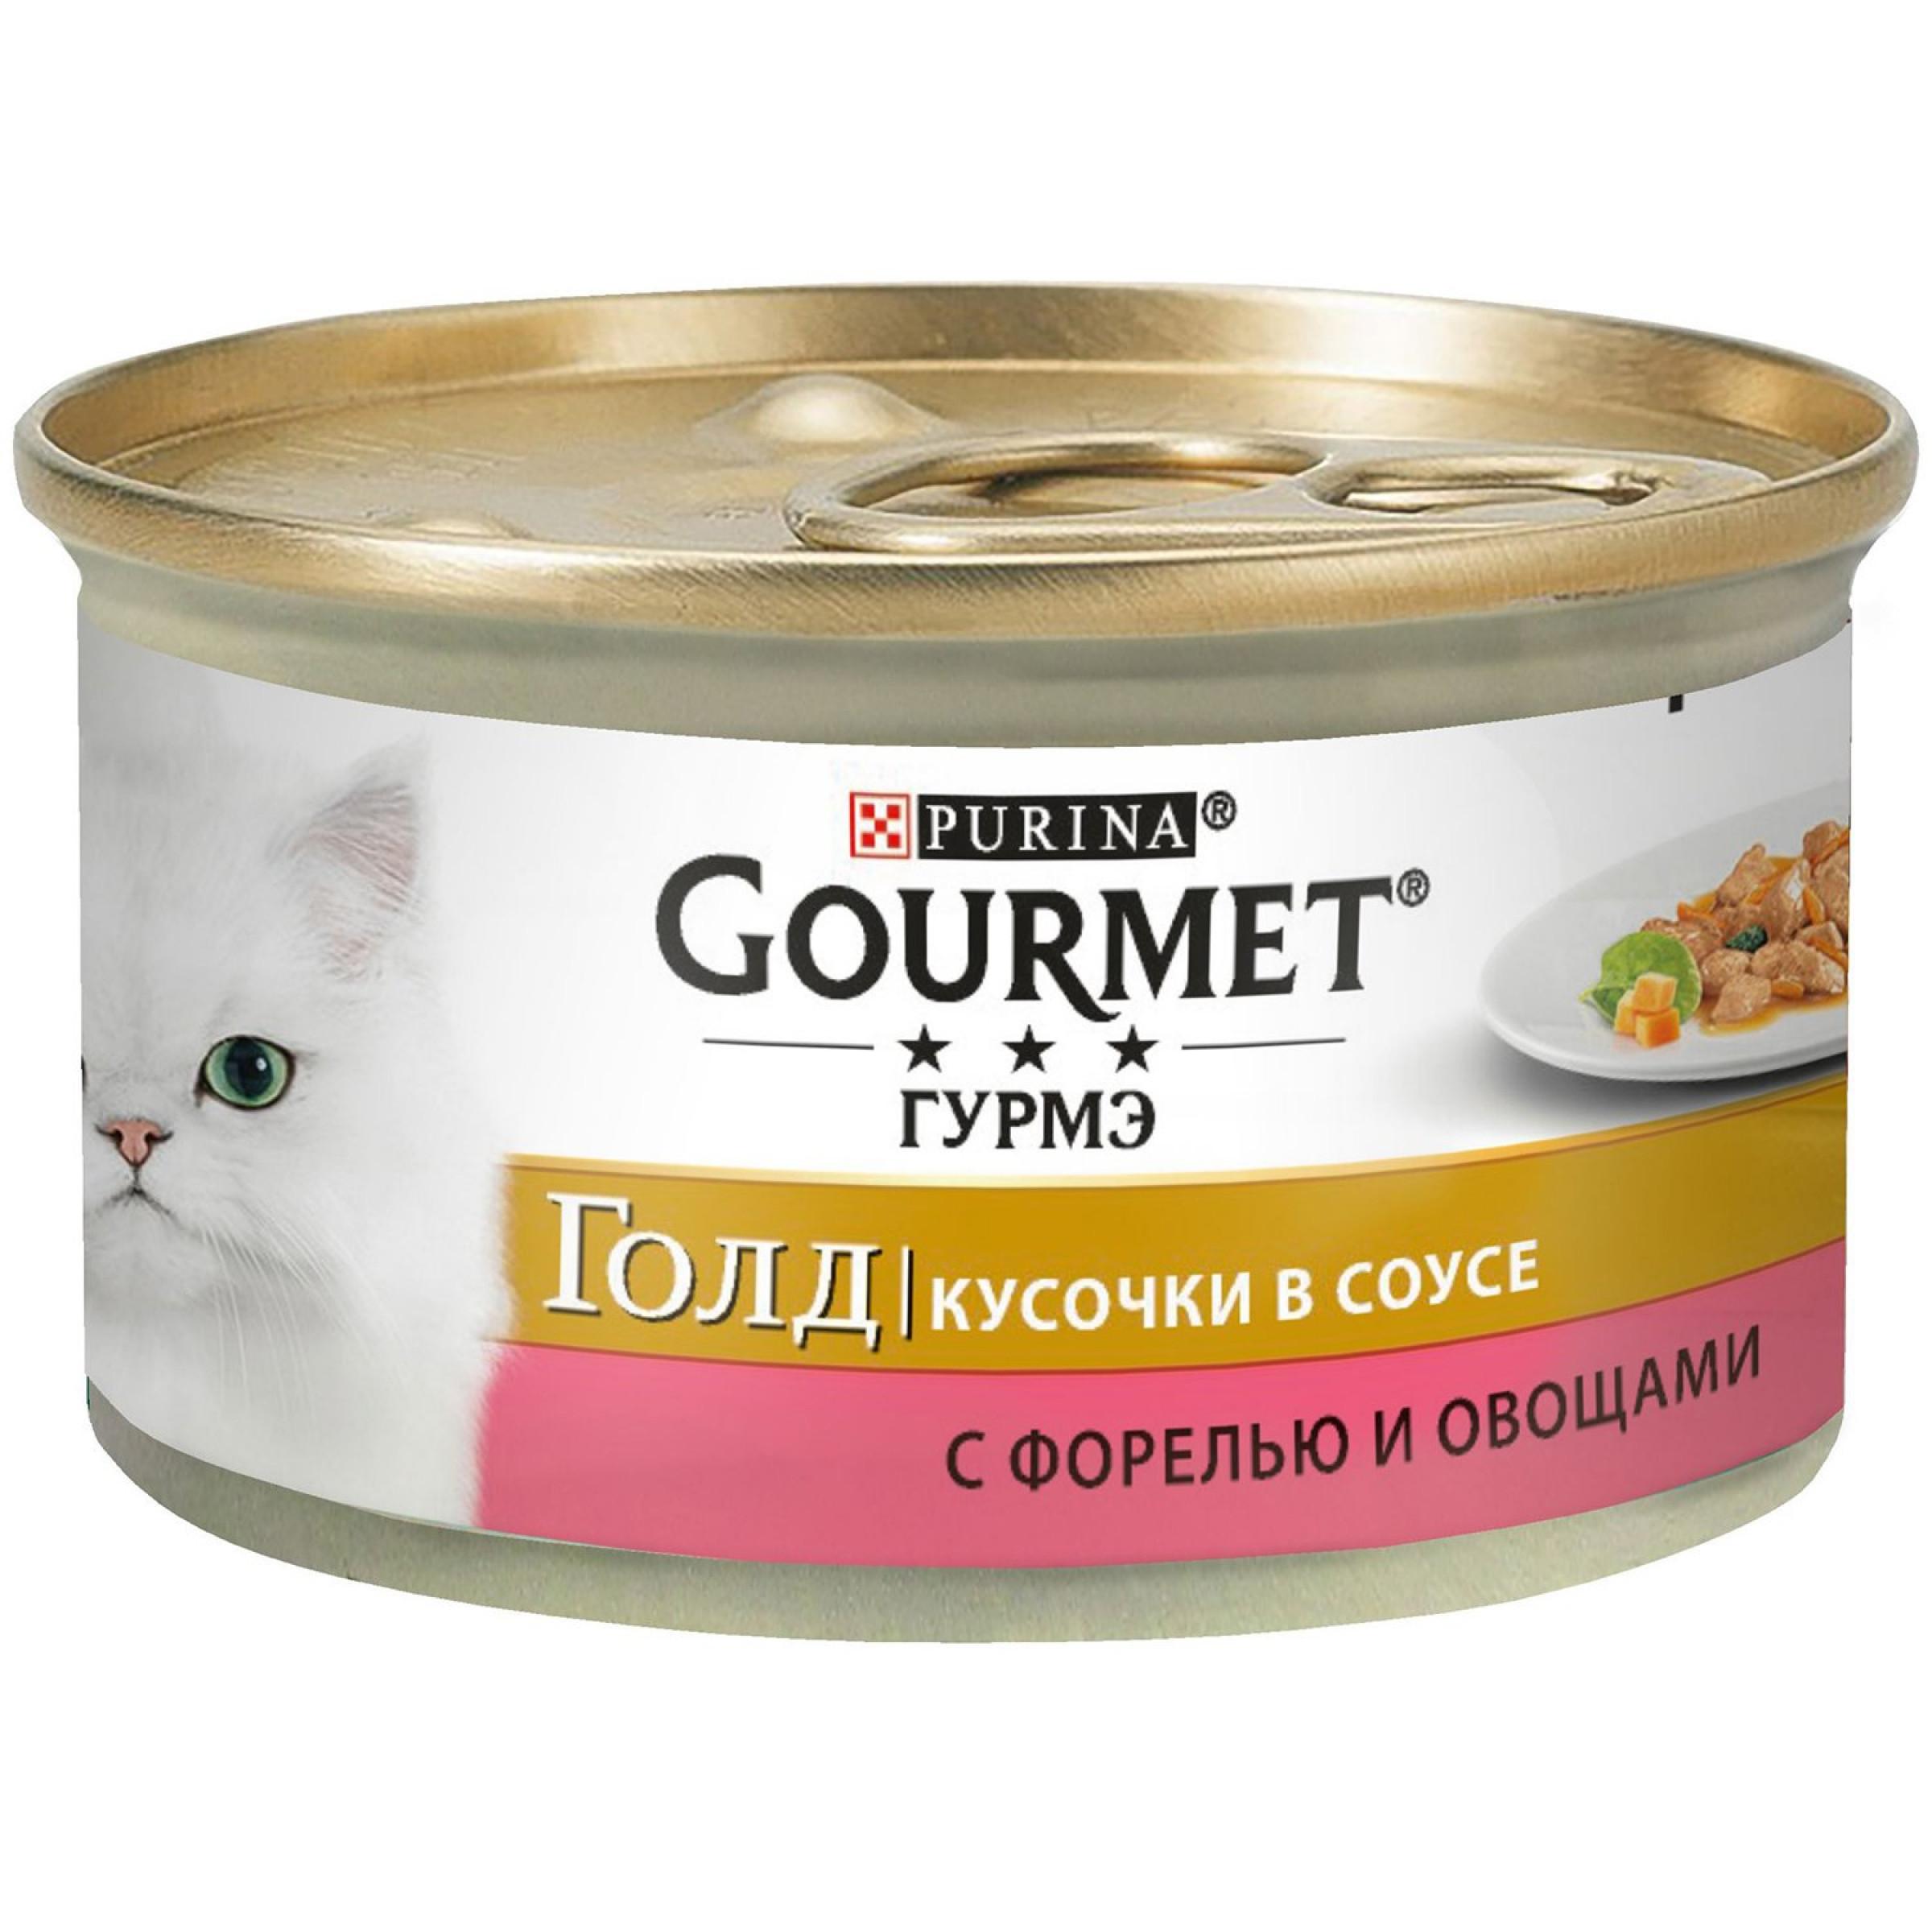 Влажный корм для кошек GOURMET Gold кусочки в подливке форель и овощи, 85 гр